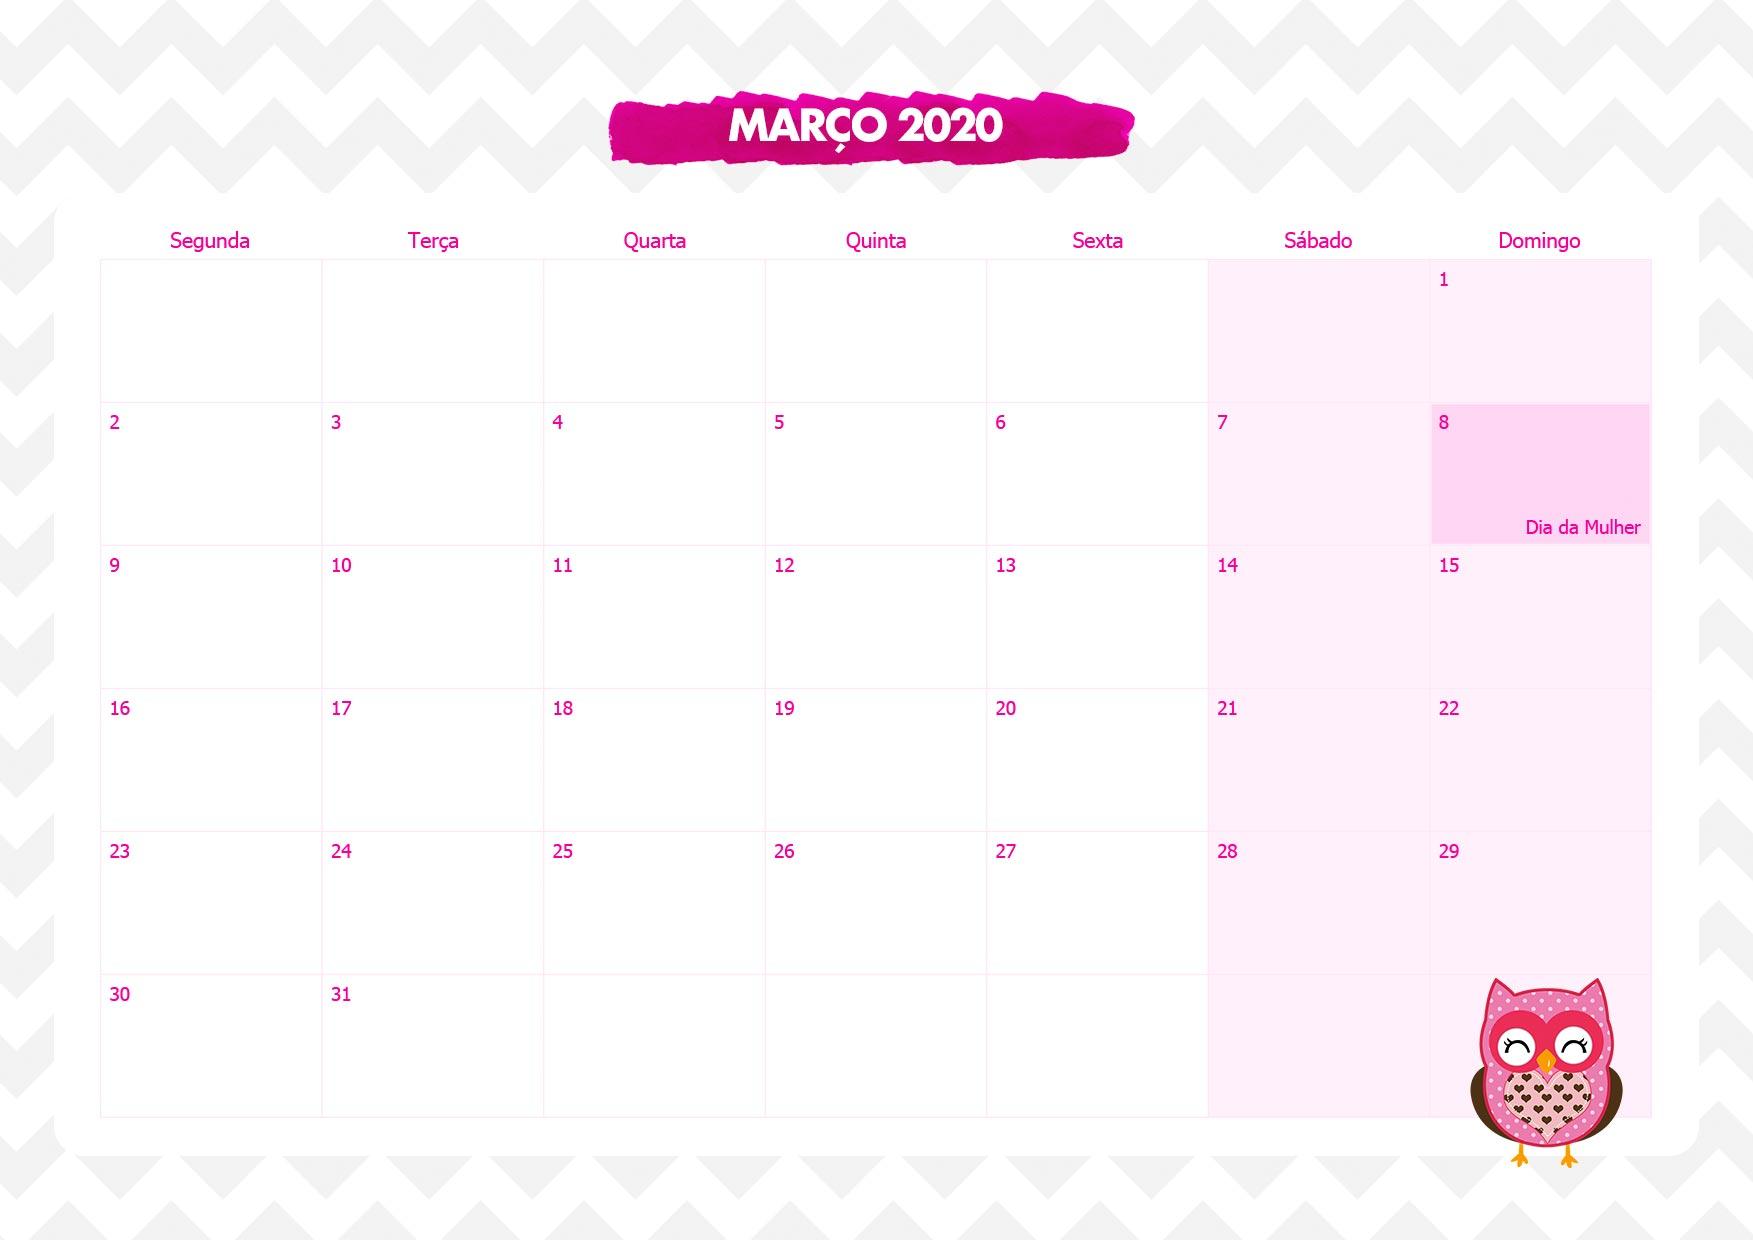 Calendario Mensal Corujinha Rosa Marco 2020